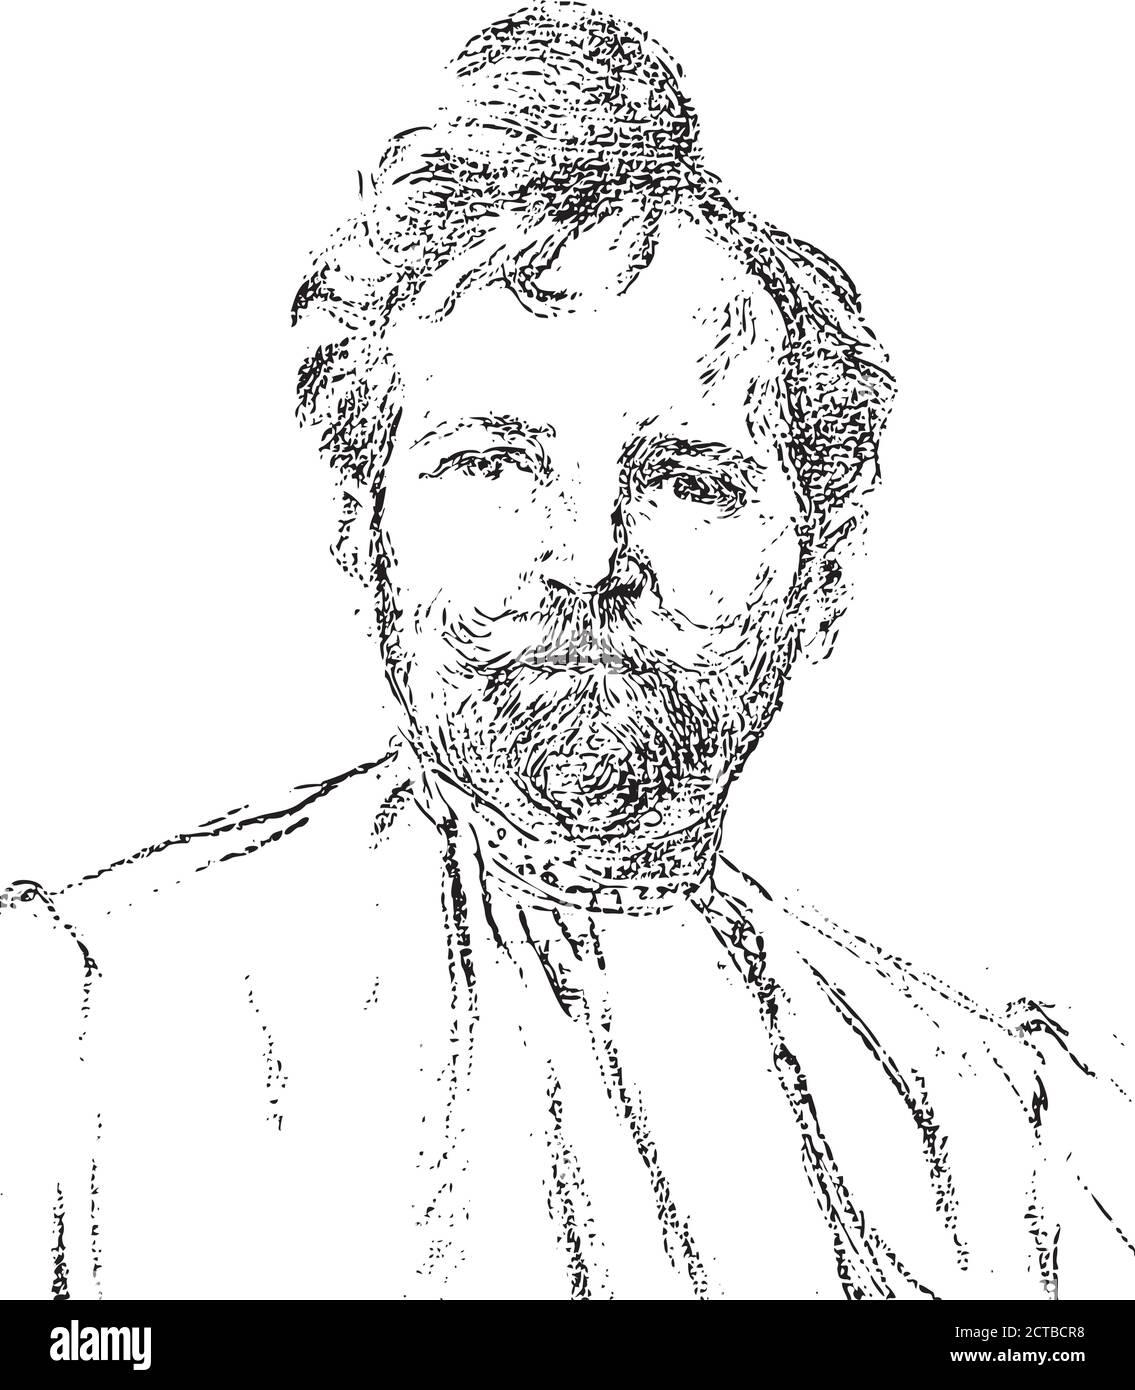 Retrato vectorial de Alphonse Mucha. Alfons Maria Mucha (1860 – 1939), conocida internacionalmente como Alphonse Mucha, fue un pintor, ilustrador y gra checo Ilustración del Vector